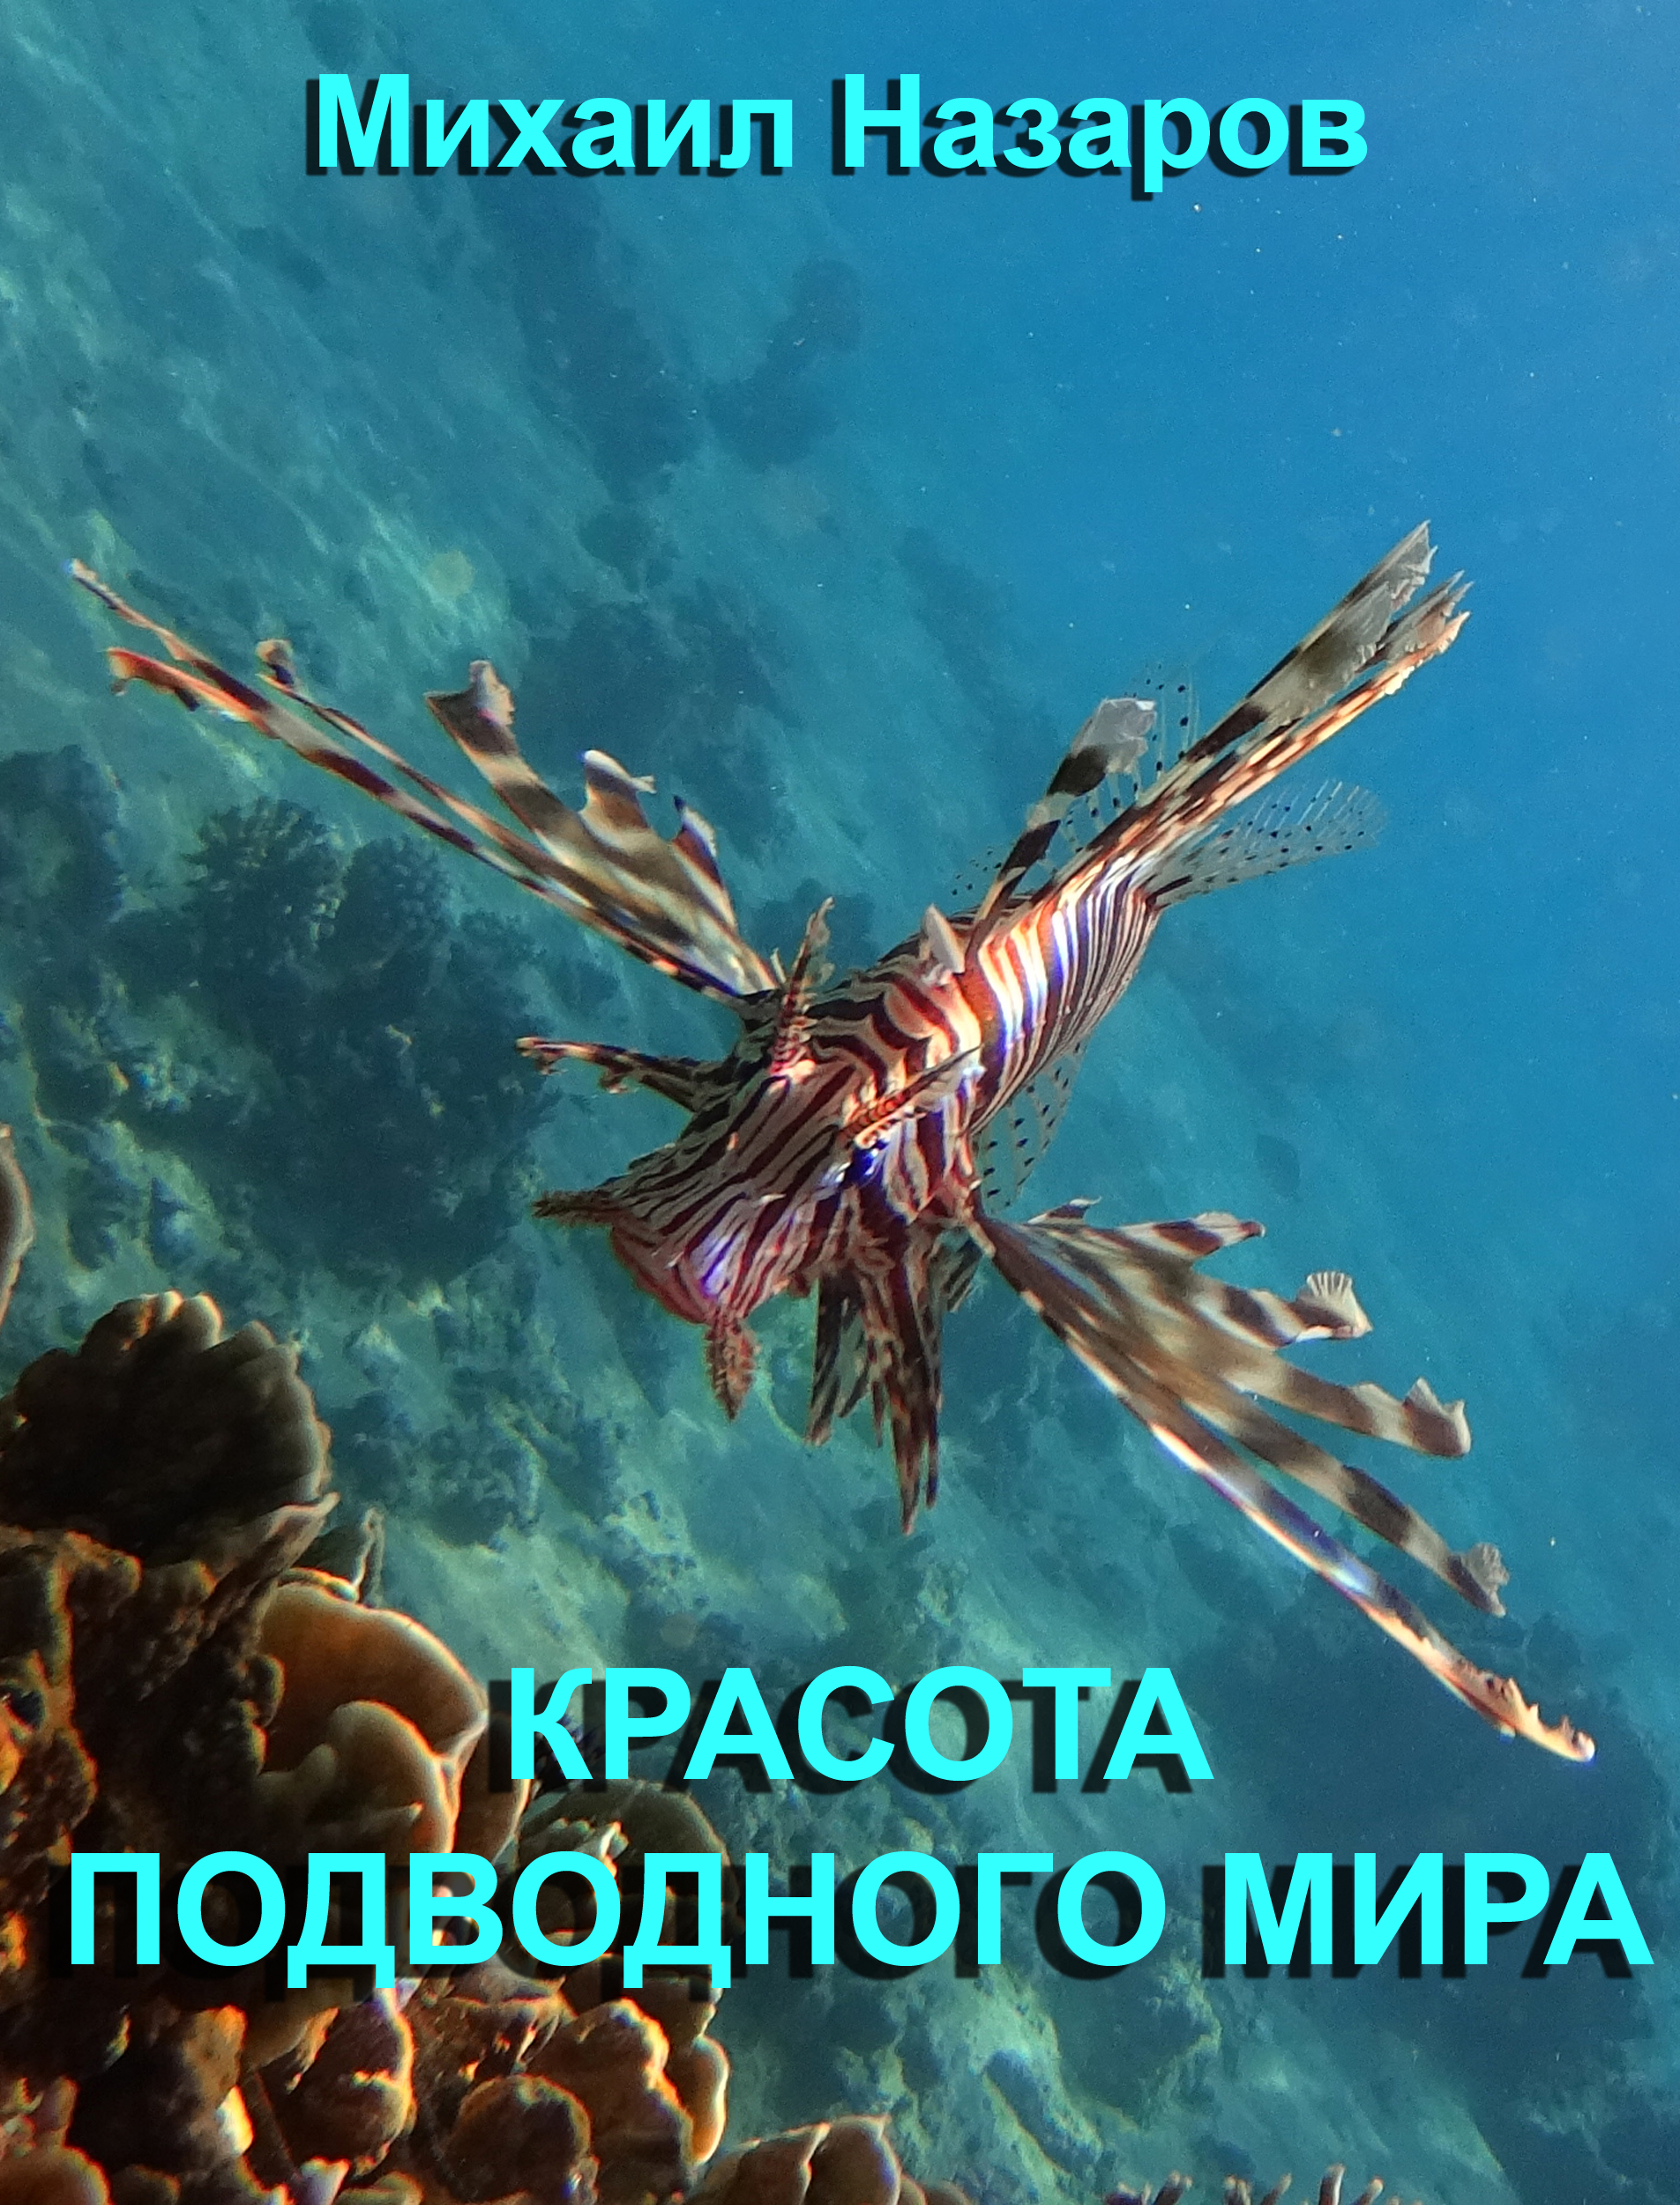 Title-krasota podvodnogo mira